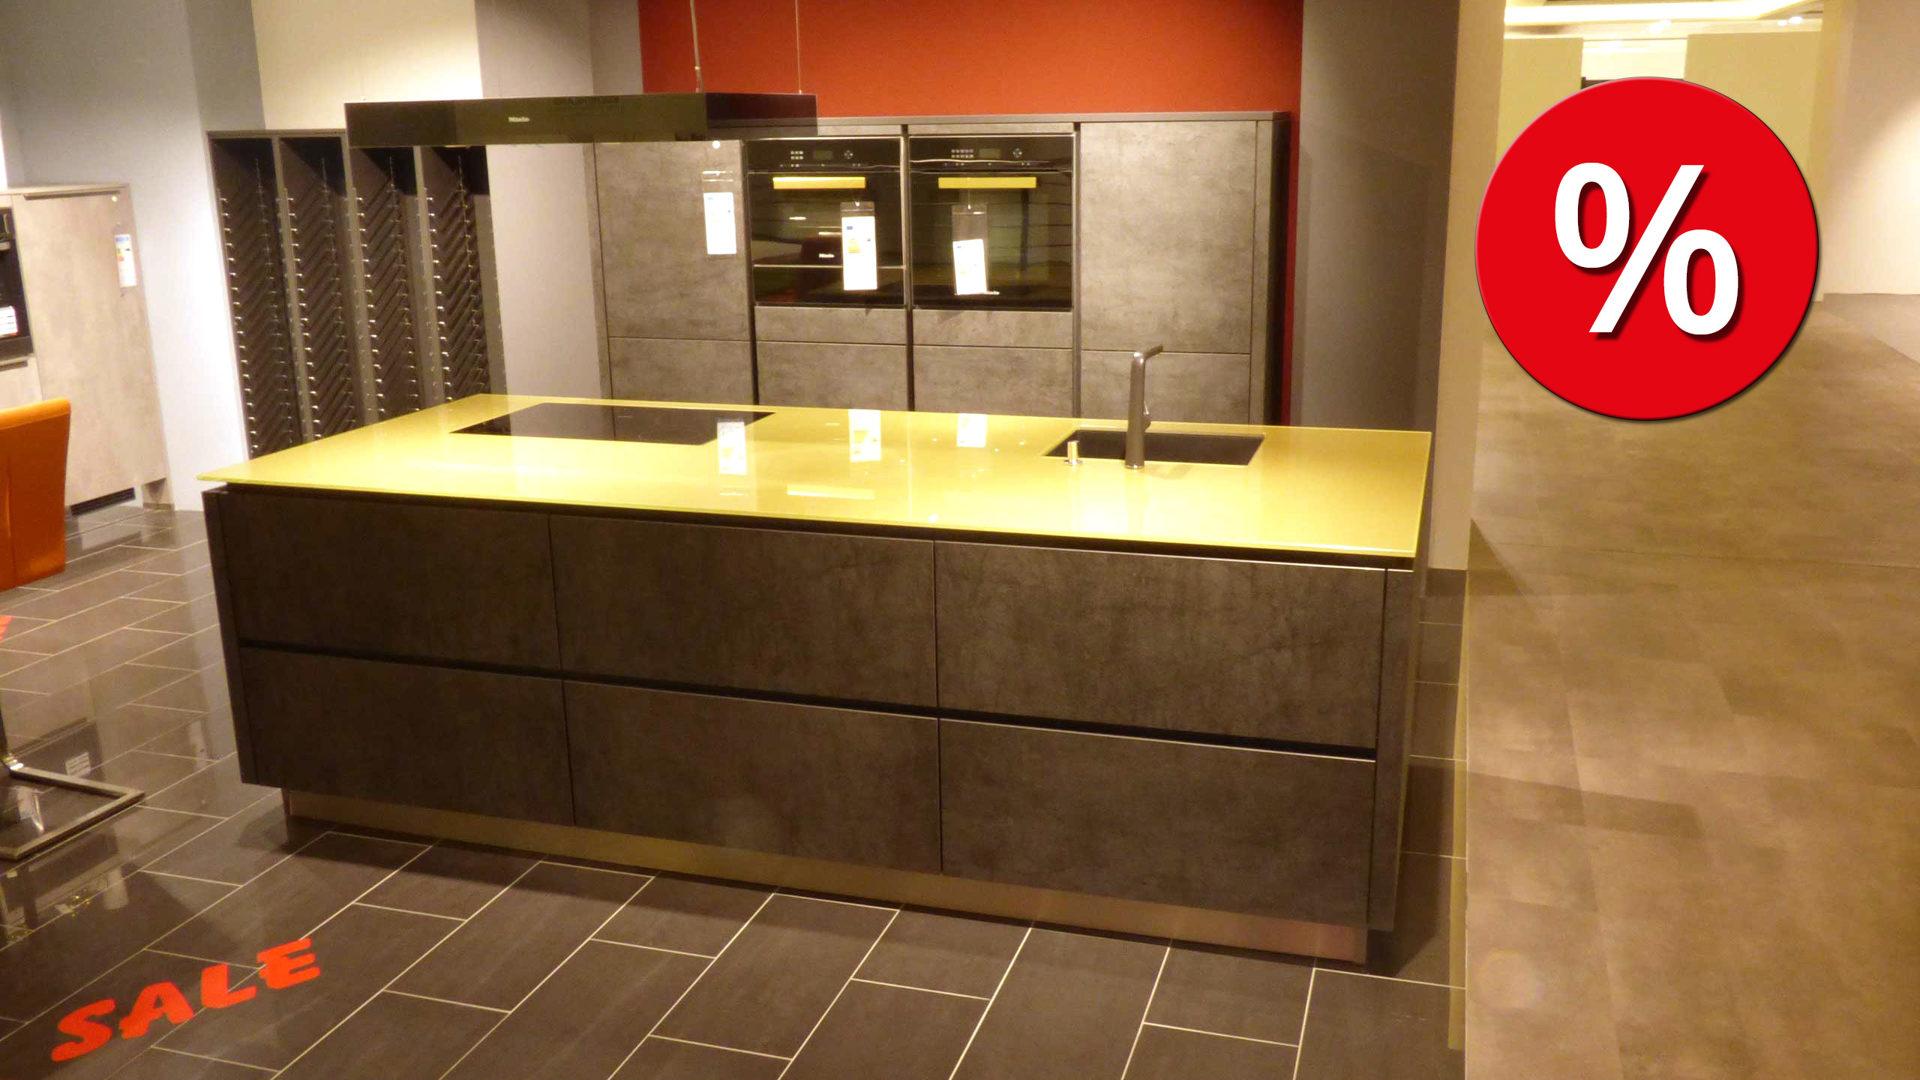 Edle Alno Küche Einbauküche Cera mit Keramik-Front und Miele E ...